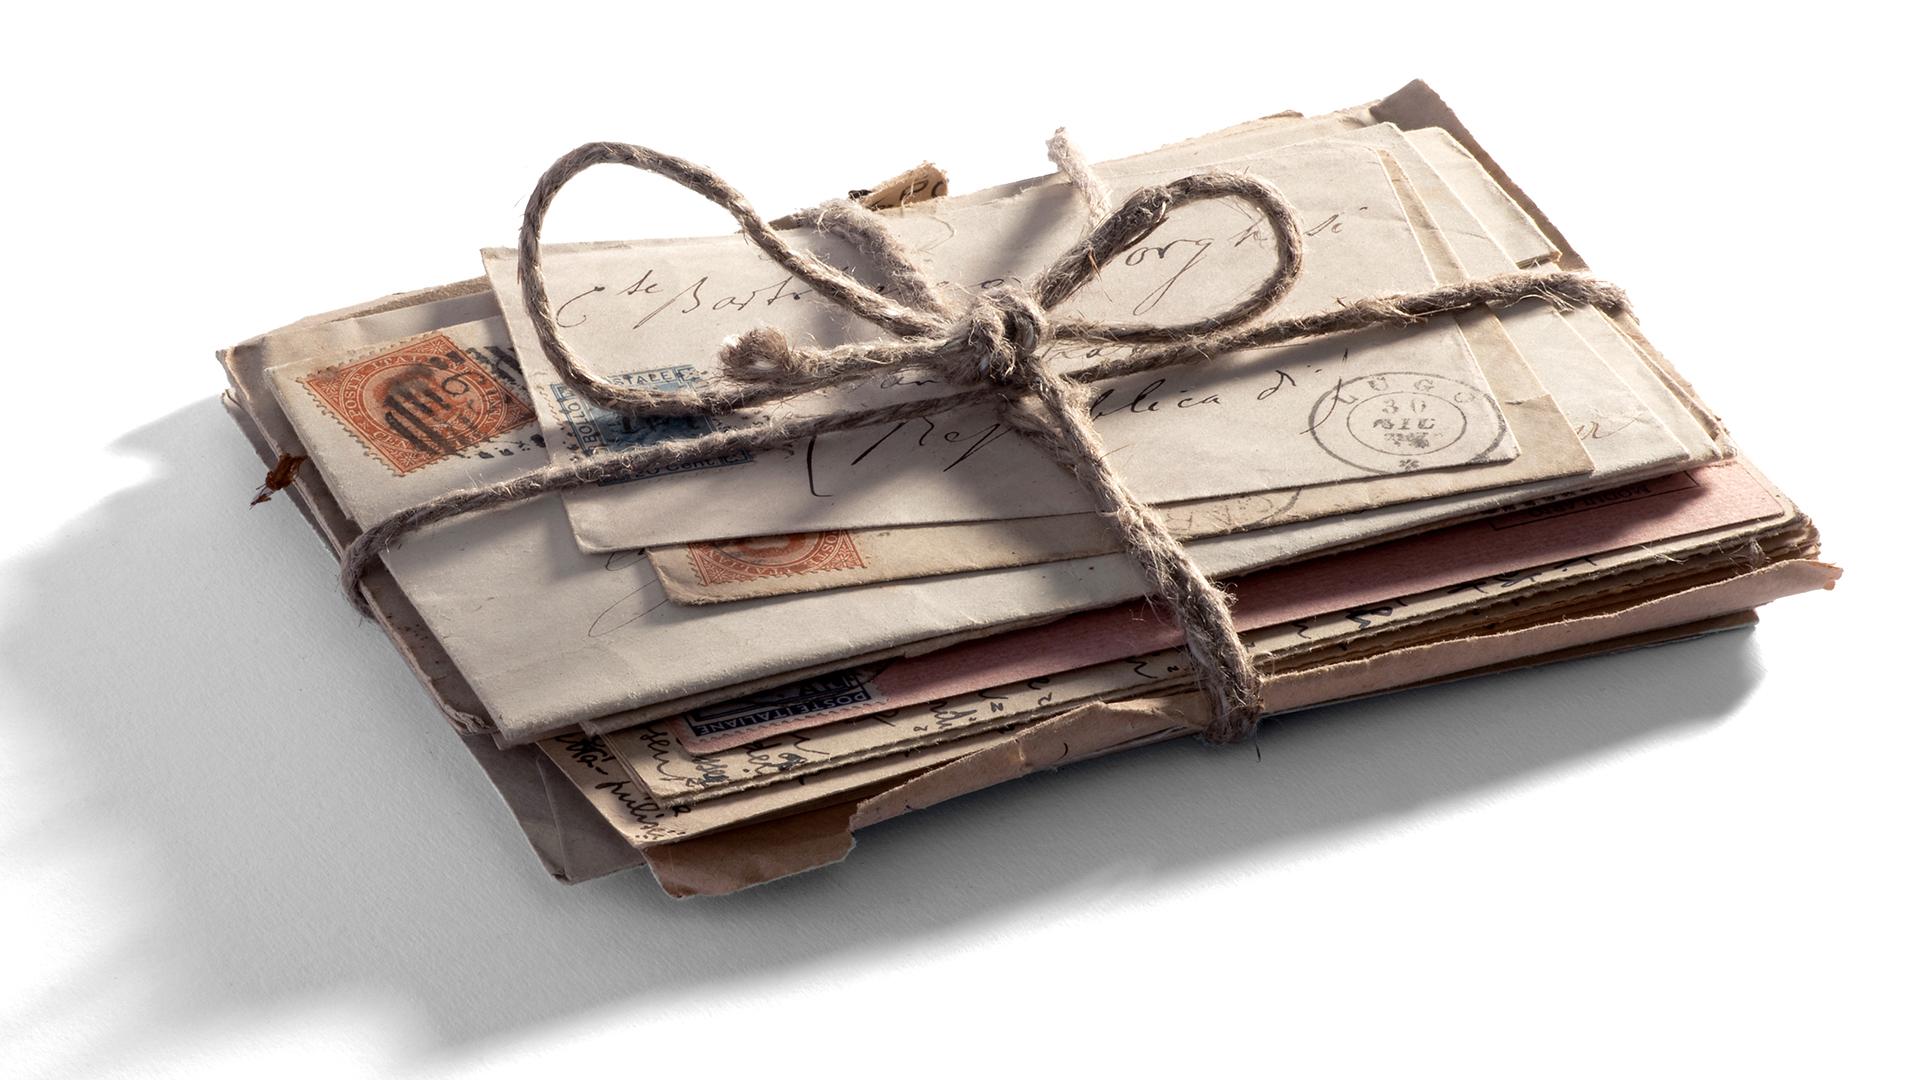 70 éve írt levelek kerültek elő